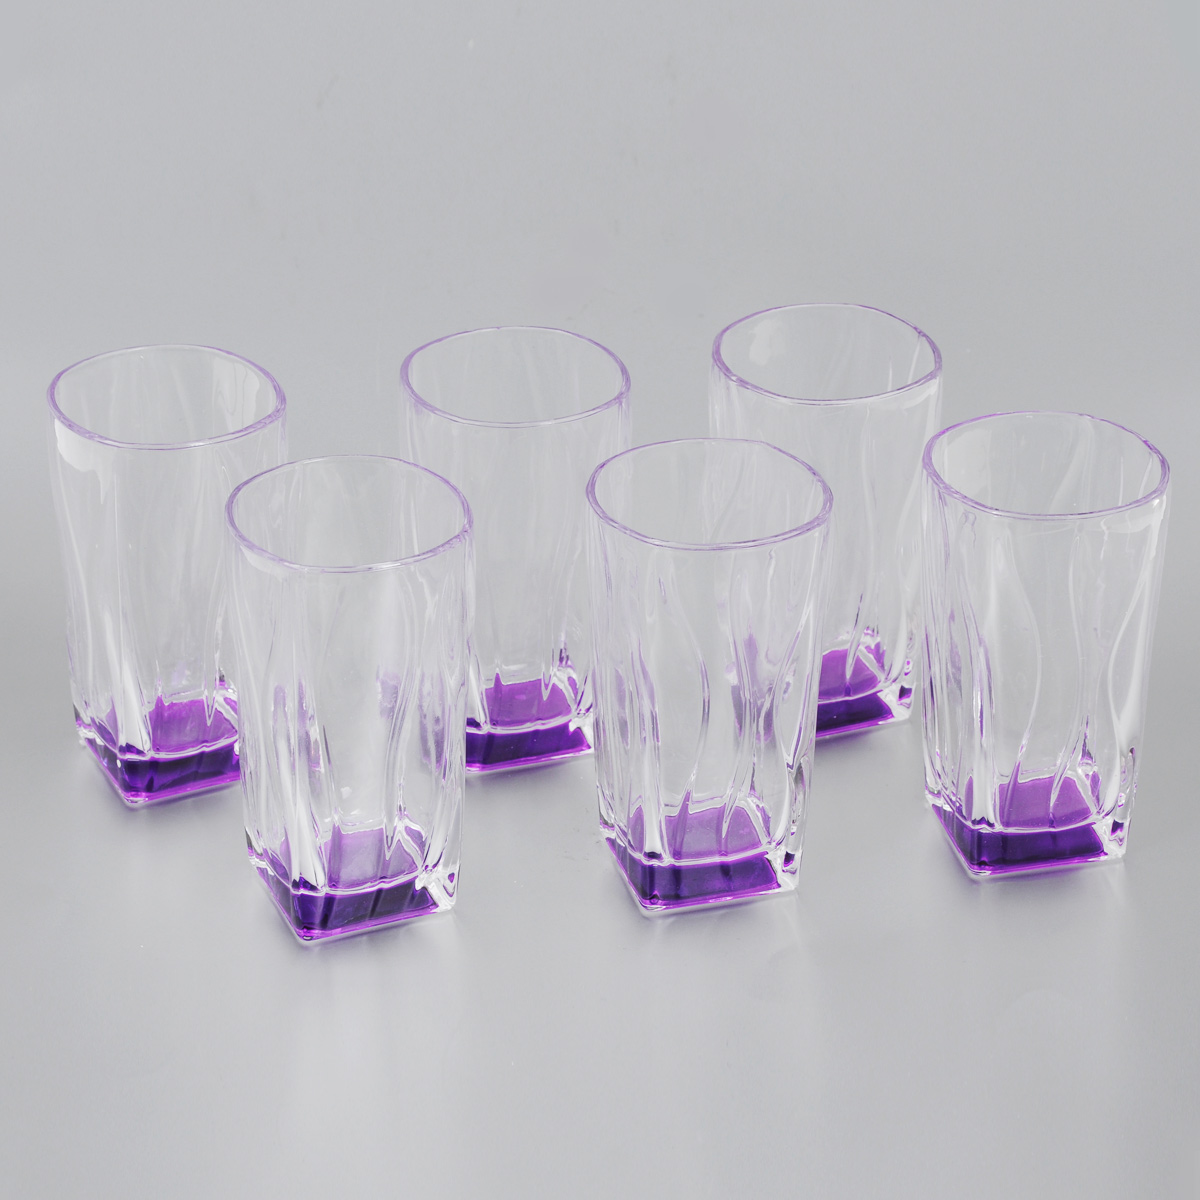 Набор стаканов Loraine, цвет: прозрачный, сиреневый, 290 мл, 6 шт24071Набор Loraine состоит из 6 стаканов, выполненных из высококачественного стекла. Изделия декорированы изысканным рельефом, дно изделий цветное. Благодаря такому набору пить напитки будет еще вкуснее. Набор стаканов Loraine станет также отличным подарком на любой праздник. Подходит для горячих и холодных напитков. Не рекомендуется мыть в посудомоечной машине. Диаметр стакана (по верхнему краю): 6,5 см. Высота стакана: 12,5 см.